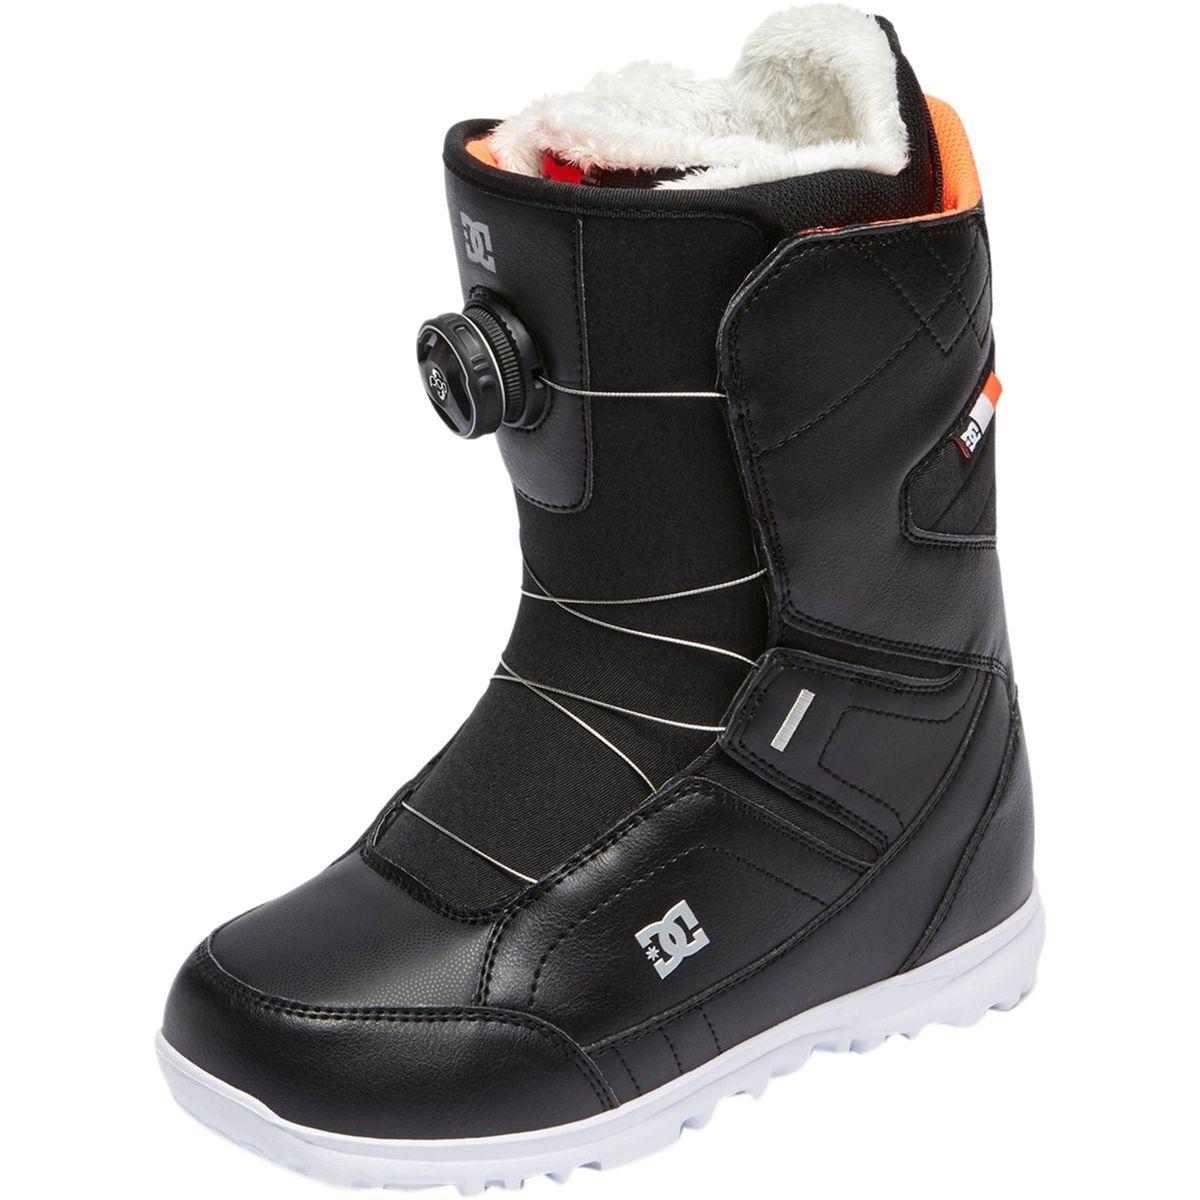 DC Search Boa Snowboard Boot - Women's